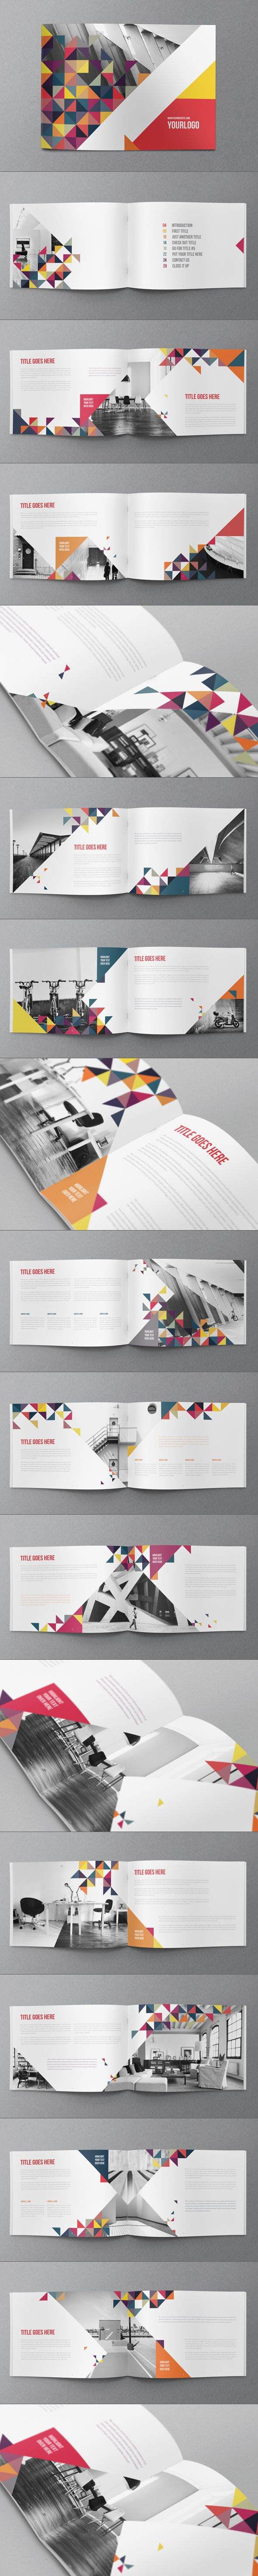 Colorful Triangles Brochure | Designer: Abra Design